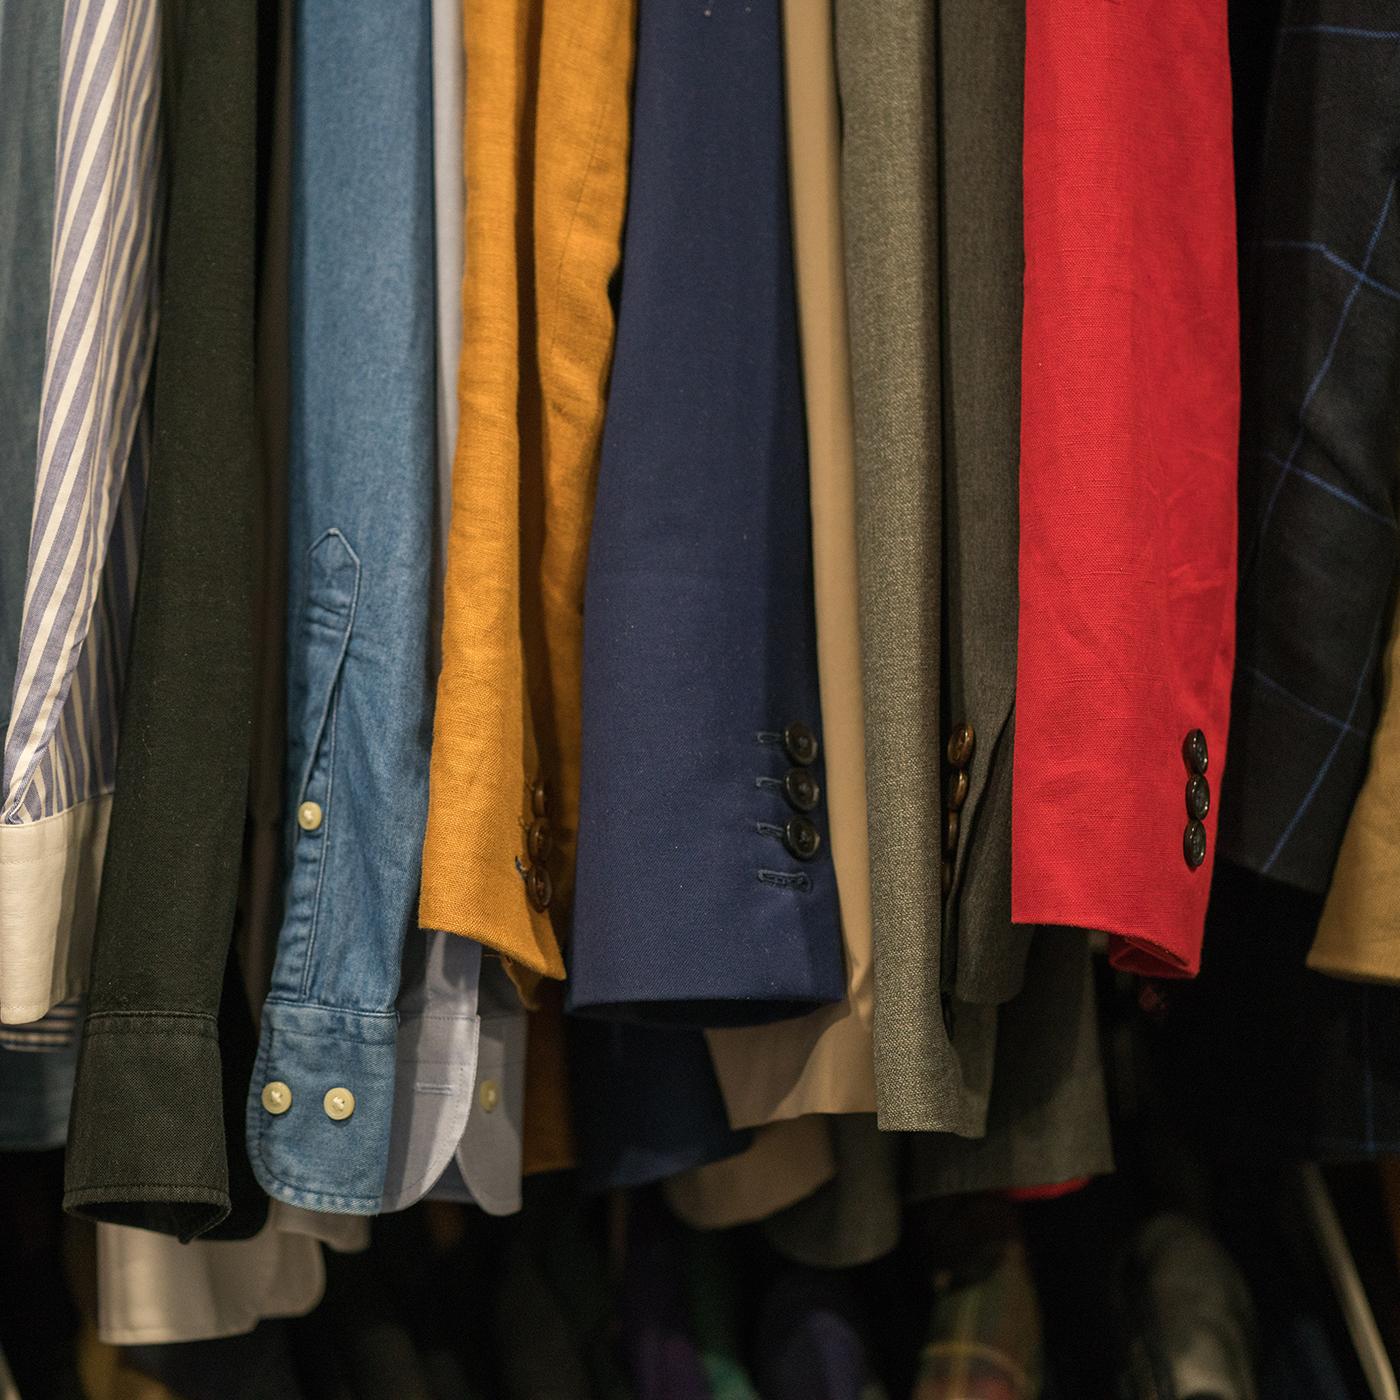 衣櫃,衣櫃收納,收納,收納法,收納衣服,整理衣服,衣服收納,衣物收納